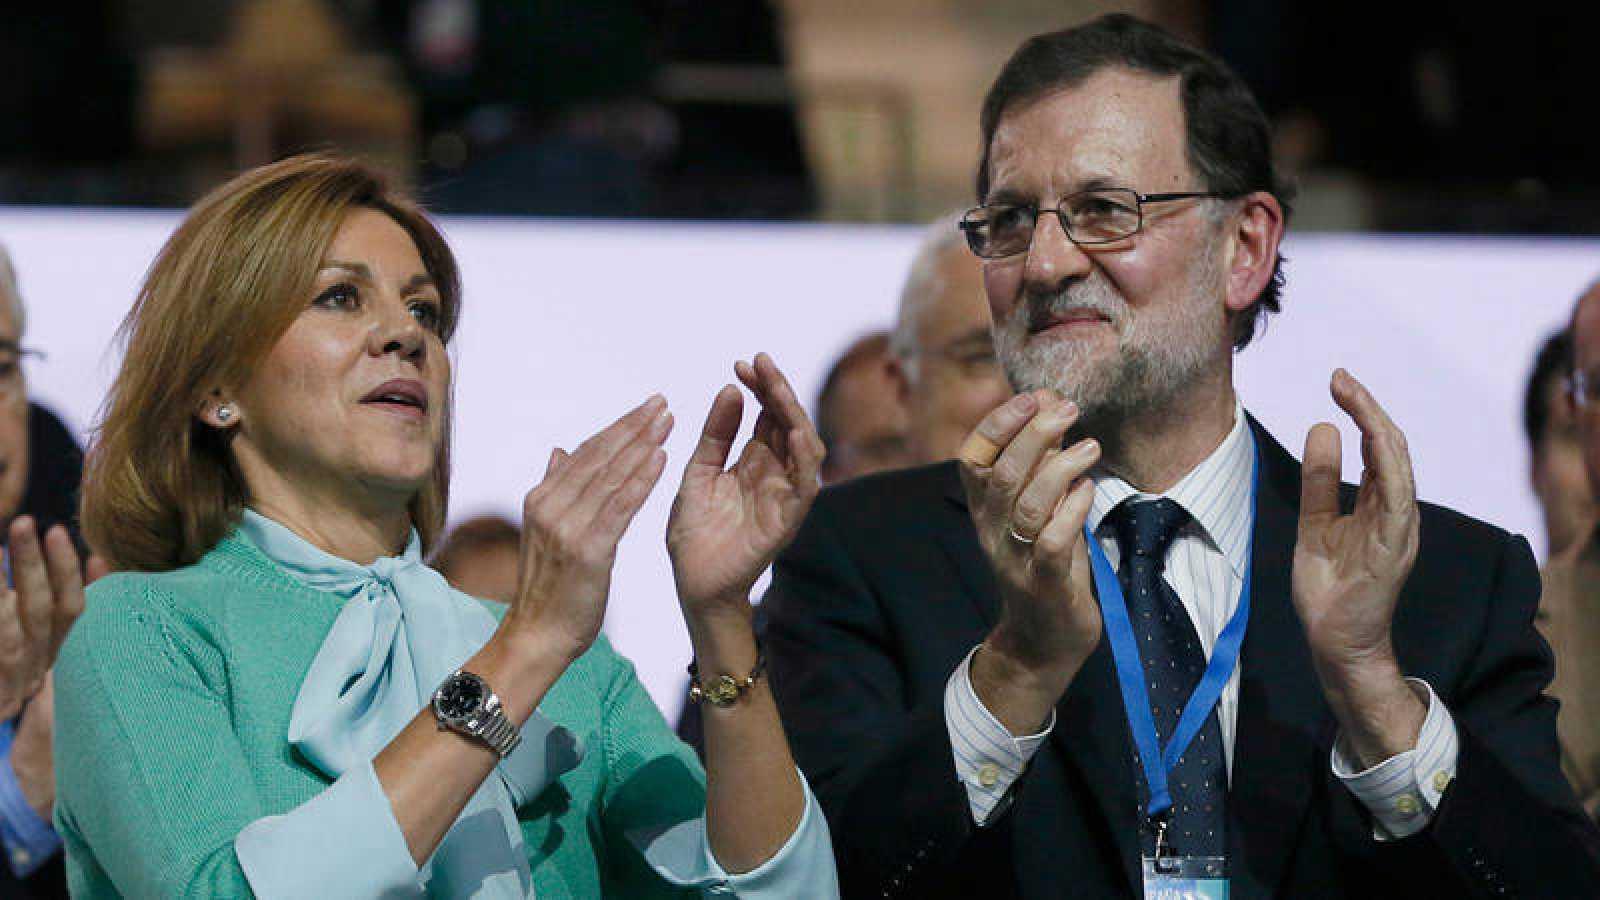 El presidente del PP, Mariano Rajoy, y la secretaria general del partido, María Dolores de Cospedal